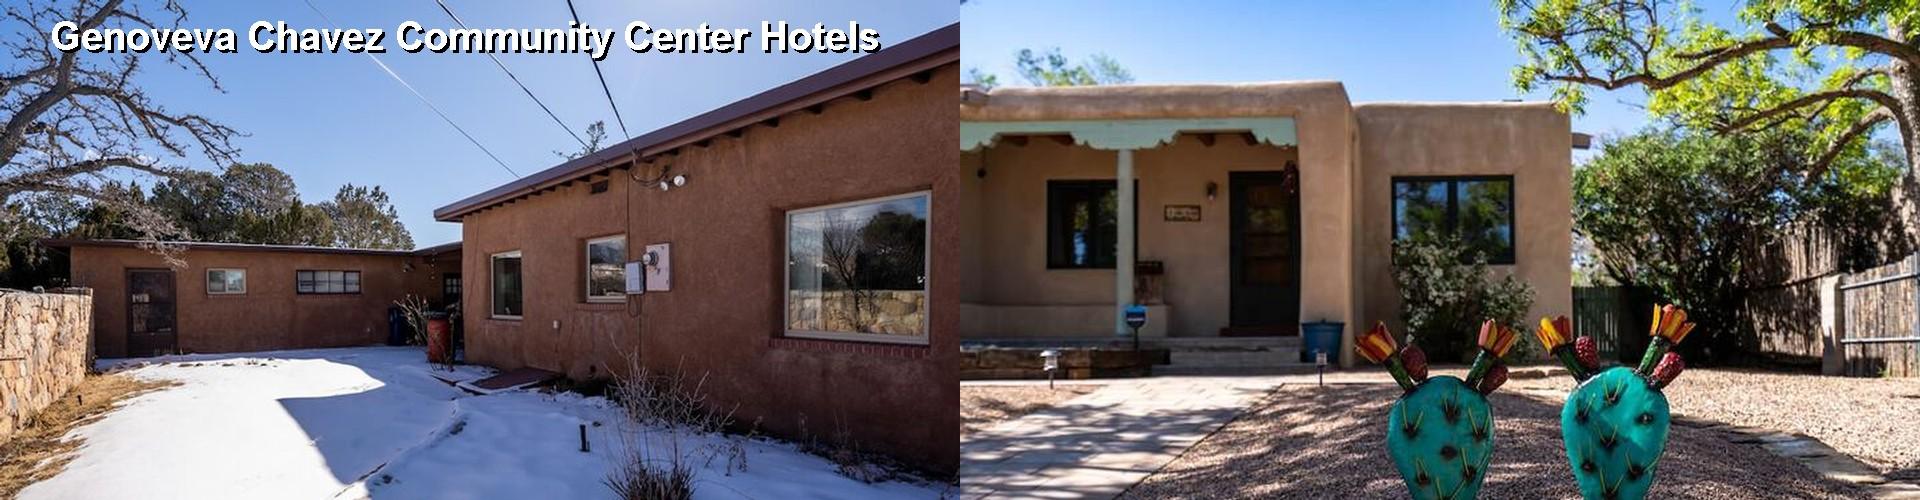 Hotels Near Genoveva Chavez Community Center In Santa Fe Nm